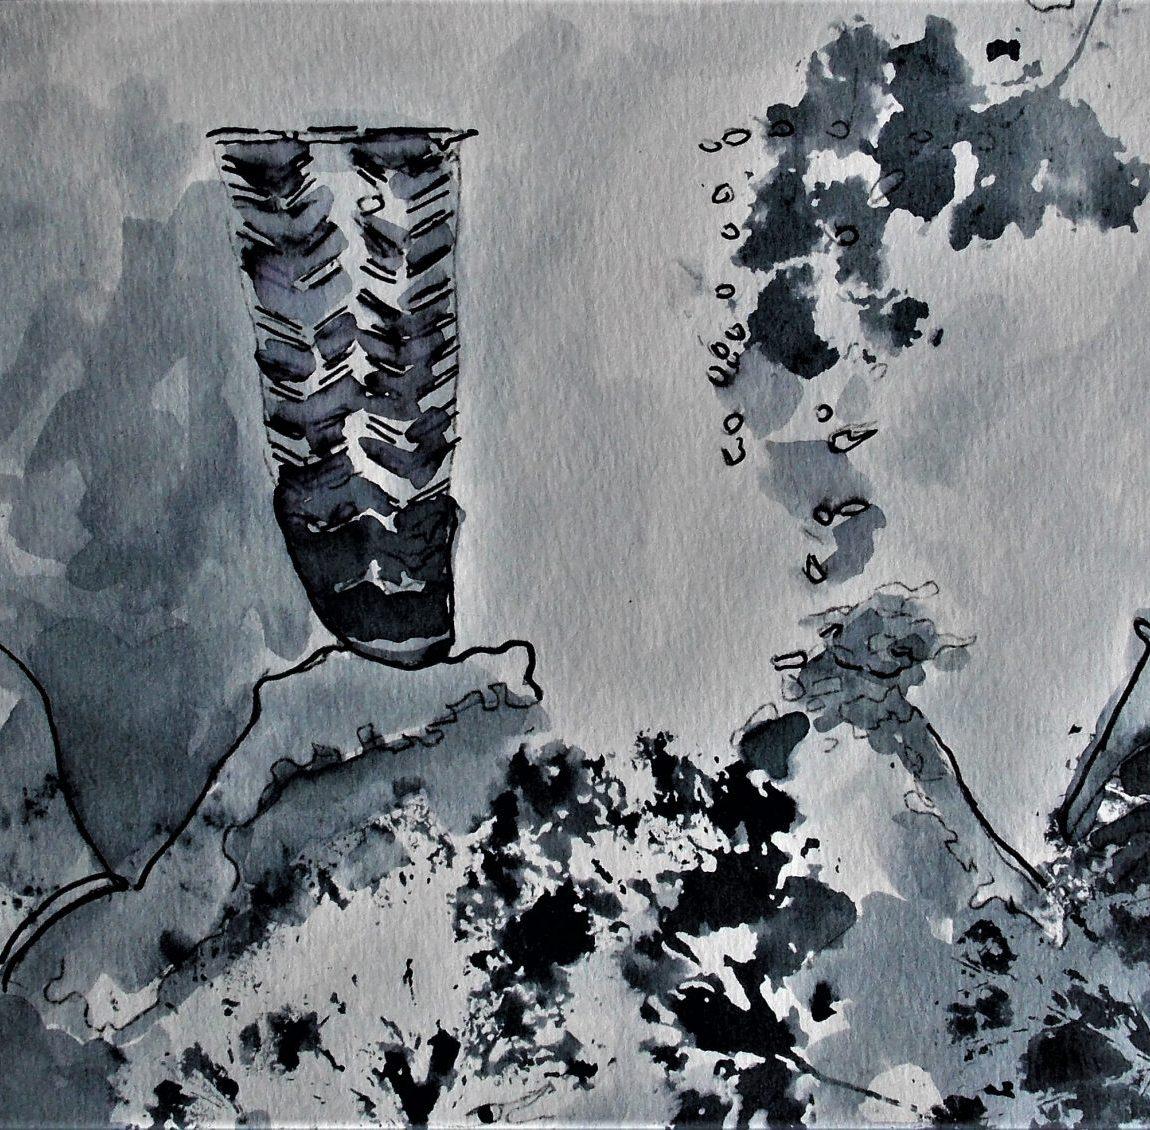 Hitit Ana Tanrıça Figürü ( Kubapa ) Teknik: Karışık Teknik Ölçü:18 x 41 cm Fiyatı: 1000 TL